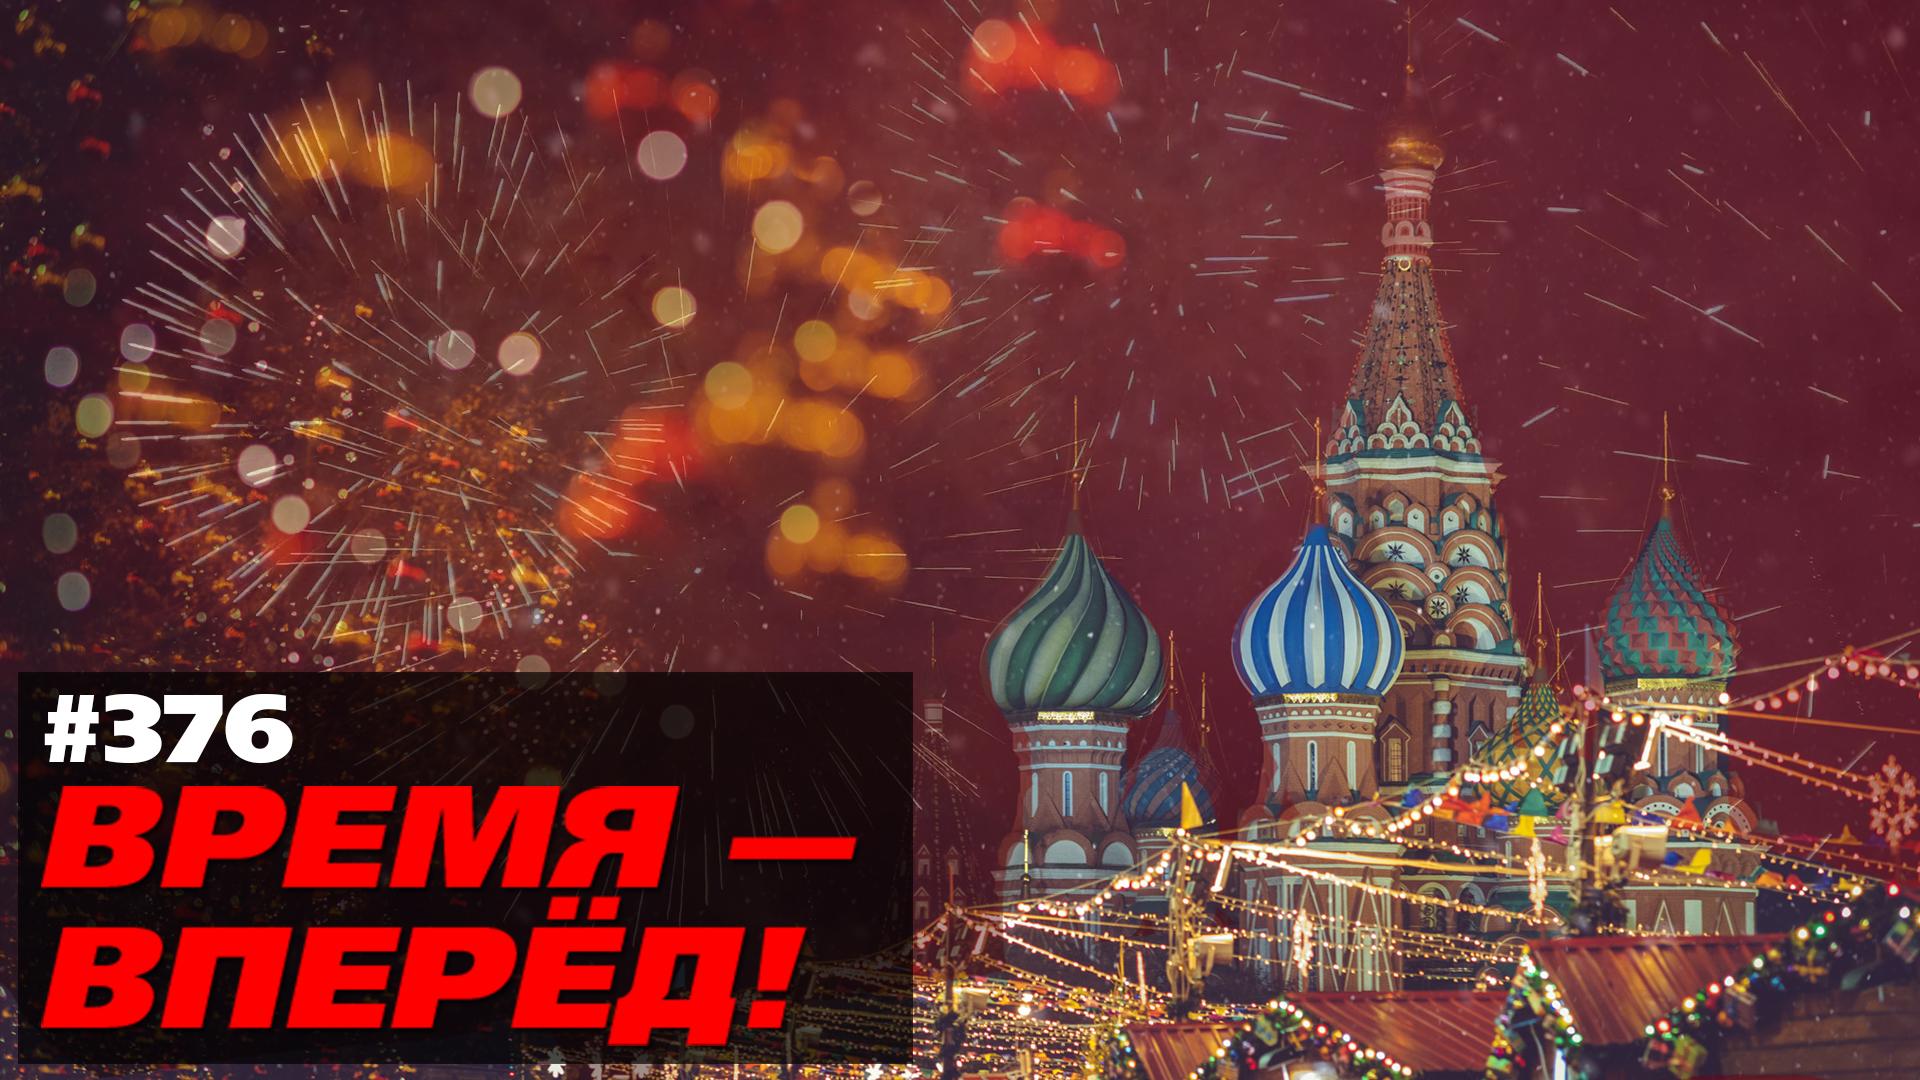 Позитивные итоги 2019 года для России. Что сбылось из нашего прогноза. Время-Вперёд! №376